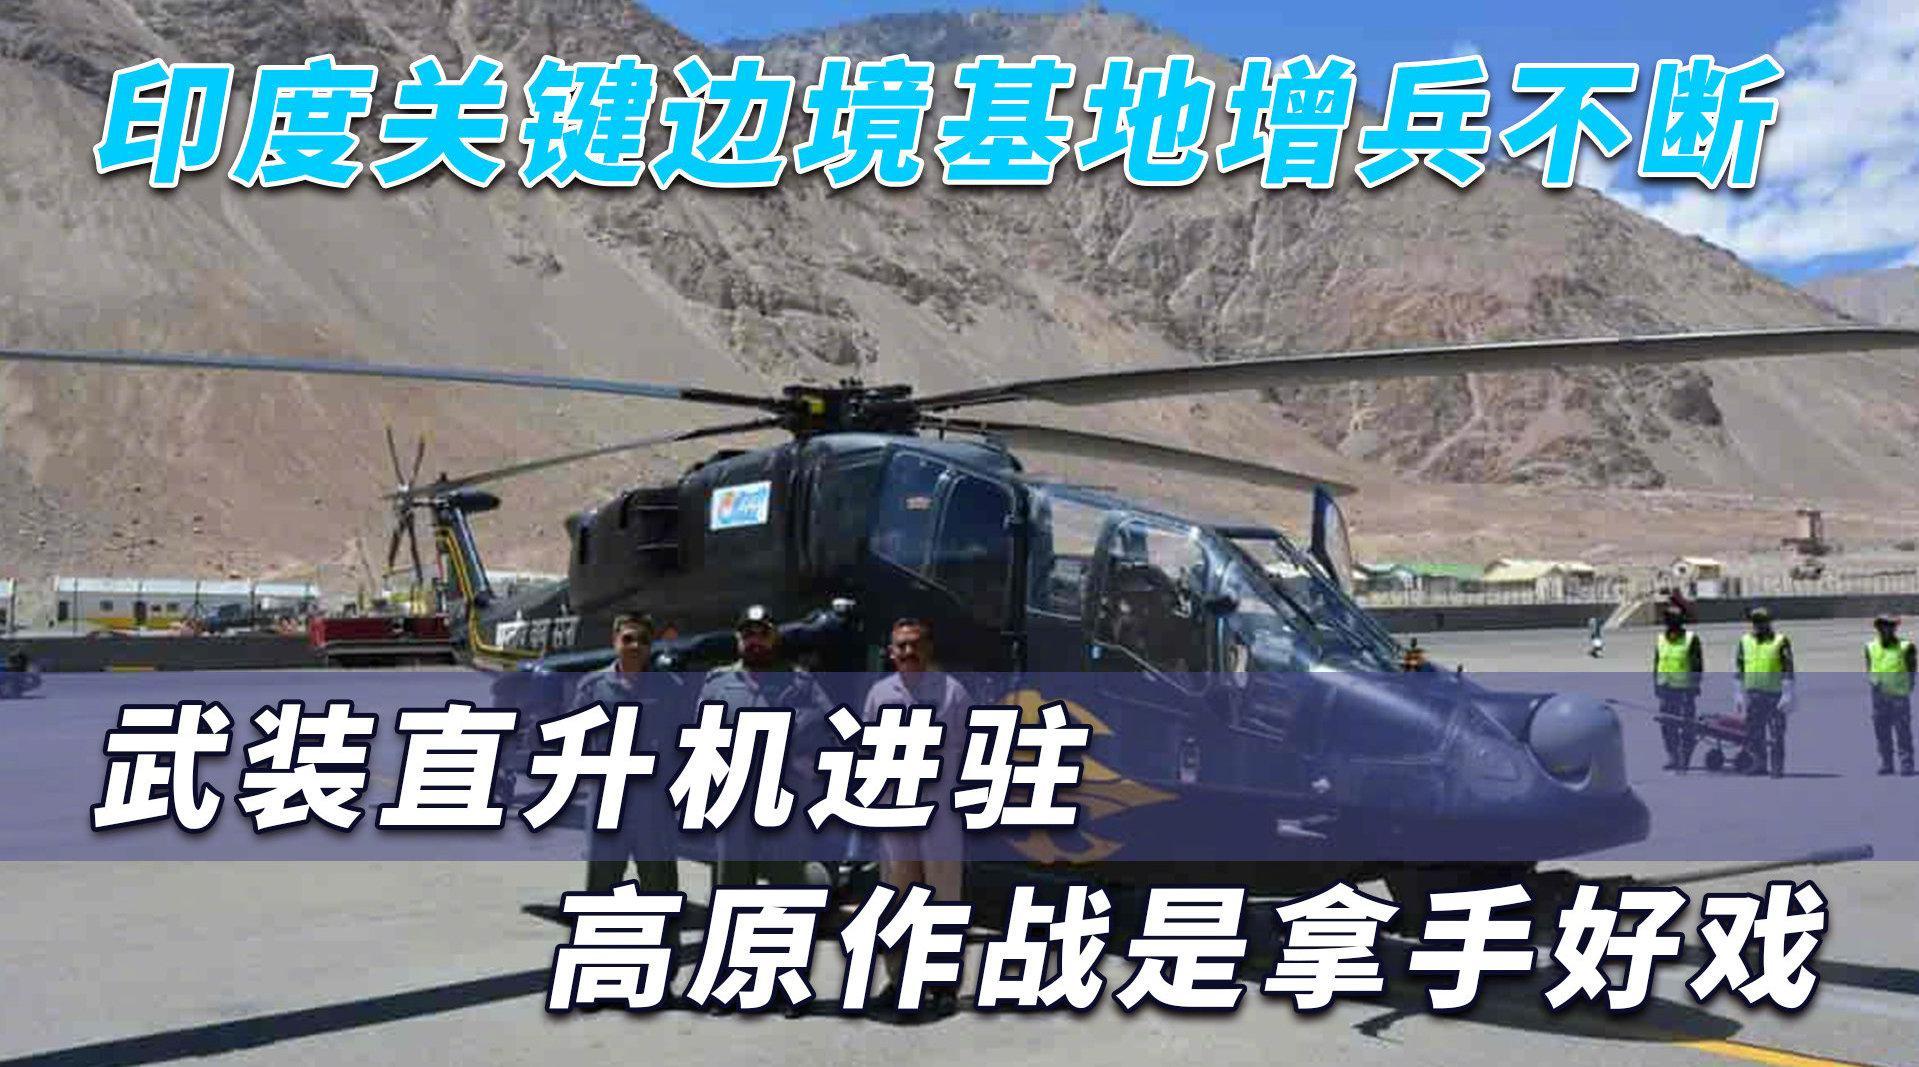 印度边境基地增兵不断,武装直升机进驻,高原作战是拿手好戏